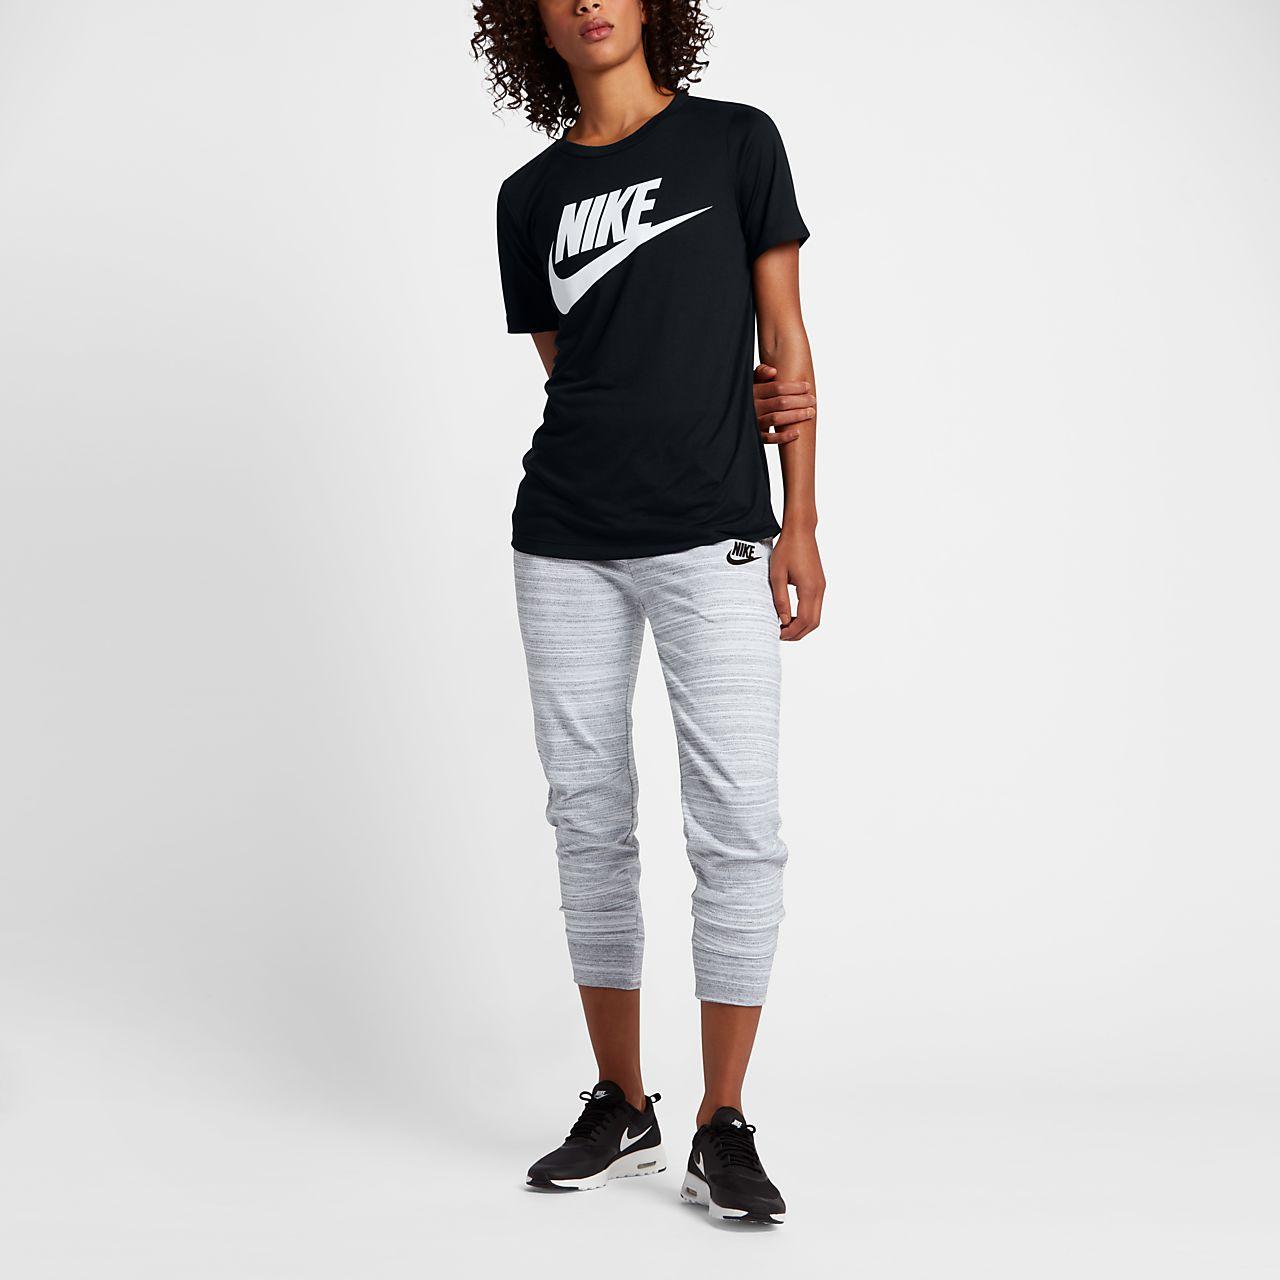 ... Haut à manches courtes avec logo Nike Sportswear Essential pour Femme 7cac9229545